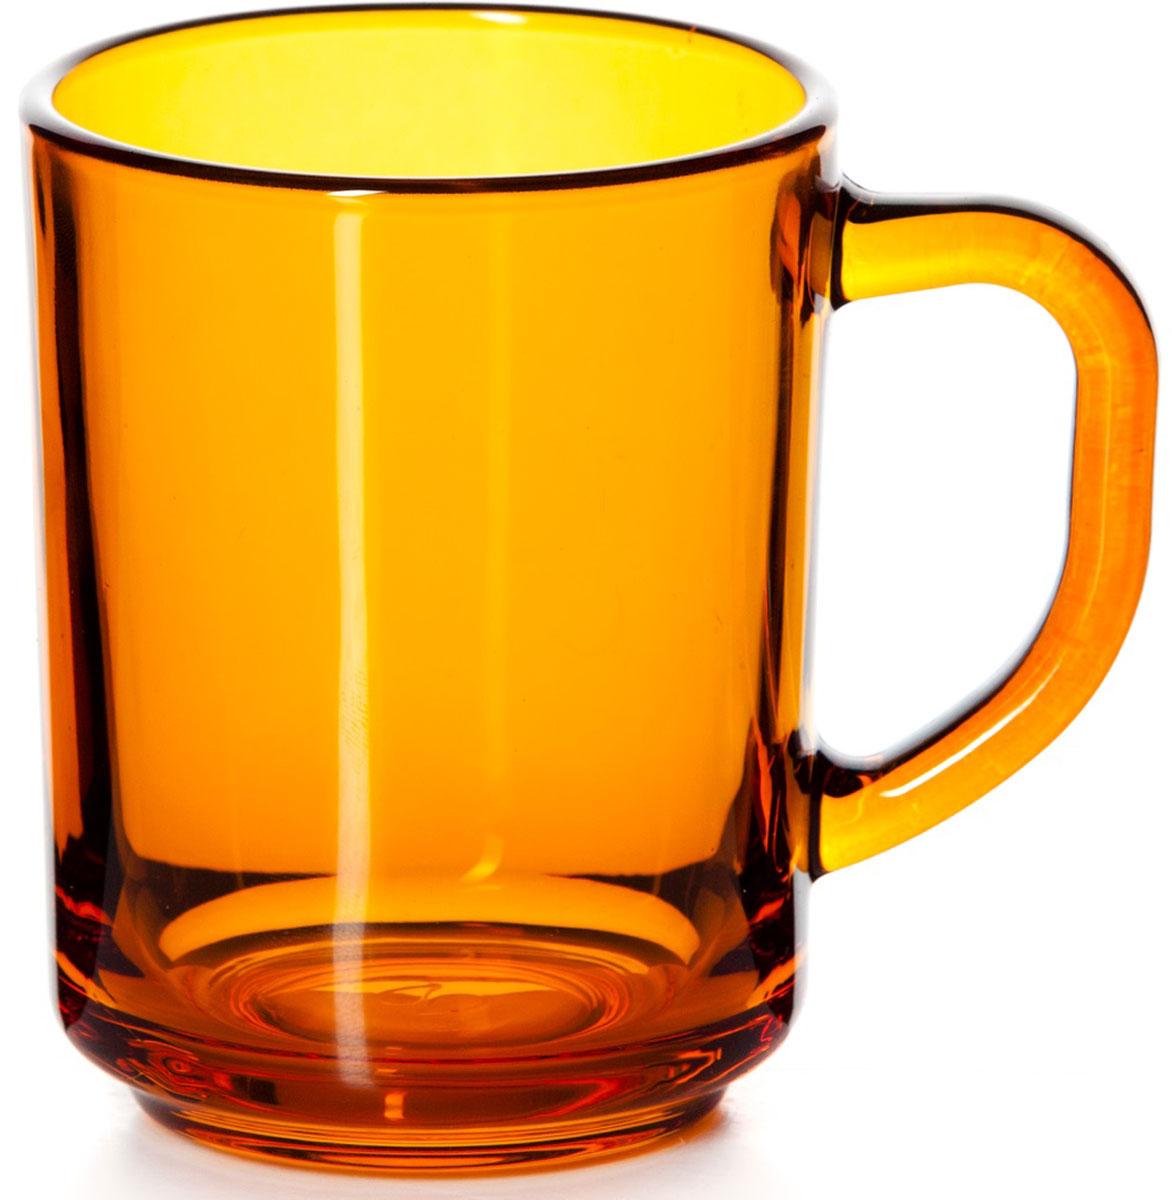 Кружка Pasabahce Энжой Оранж, цвет: оранжевый, 250 мл55029SLBD28Кружка Pasabahce Энжой Оранж изготовлена из прозрачного цветного стекла.Изделие идеально подходит для сервировки стола.Кружка не только украсит ваш кухонныйстол, но и подчеркнет прекрасный вкус хозяйки. Объем кружки: 250 мл.